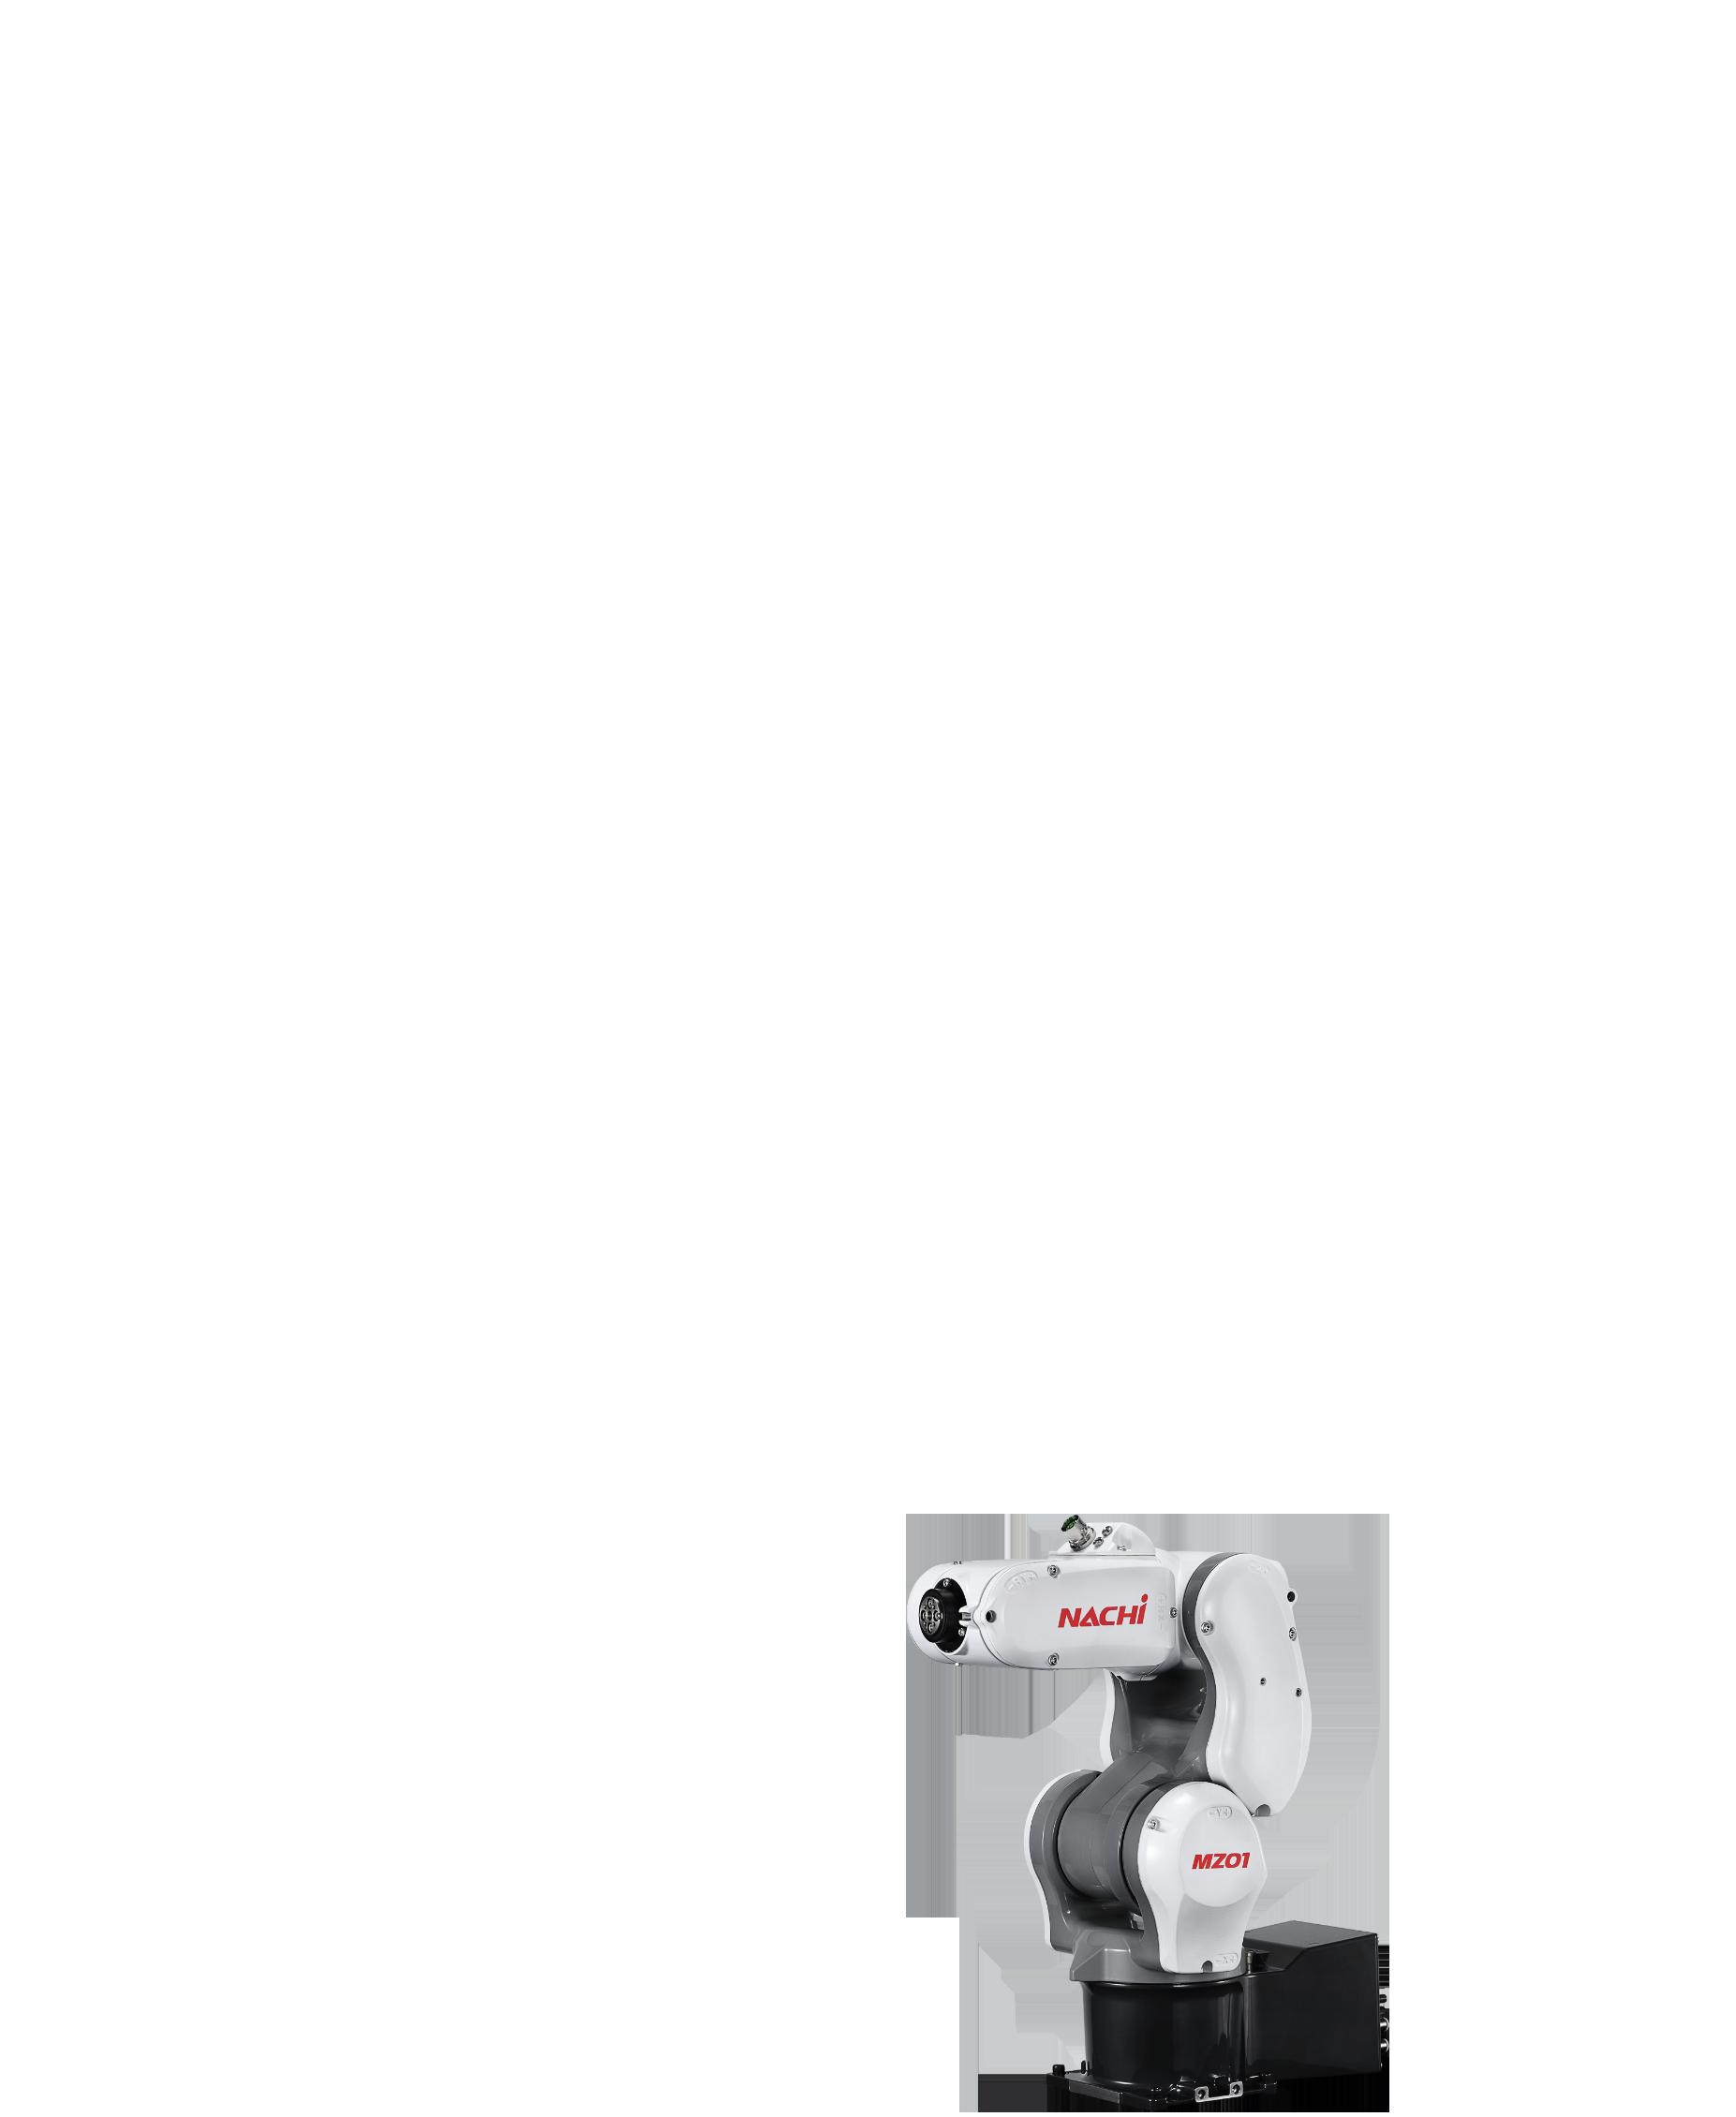 NACHI EUROPE GmbH Robotics Division